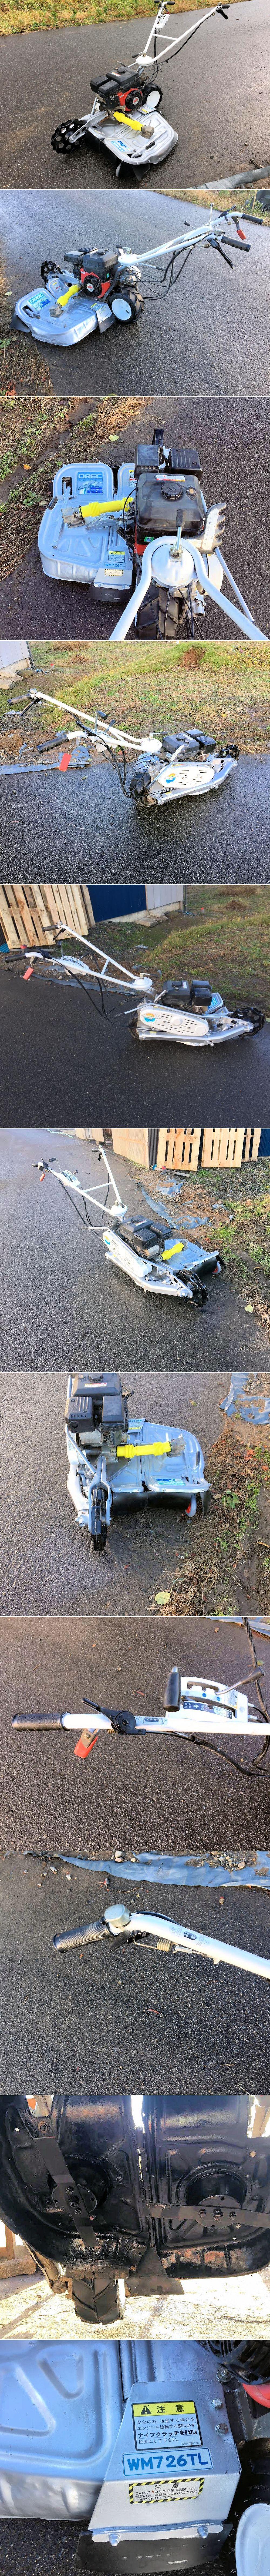 WM726TL バック付 2WD オーレック ウィングモア 2面畦(あぜ)草刈機 中古 整備済